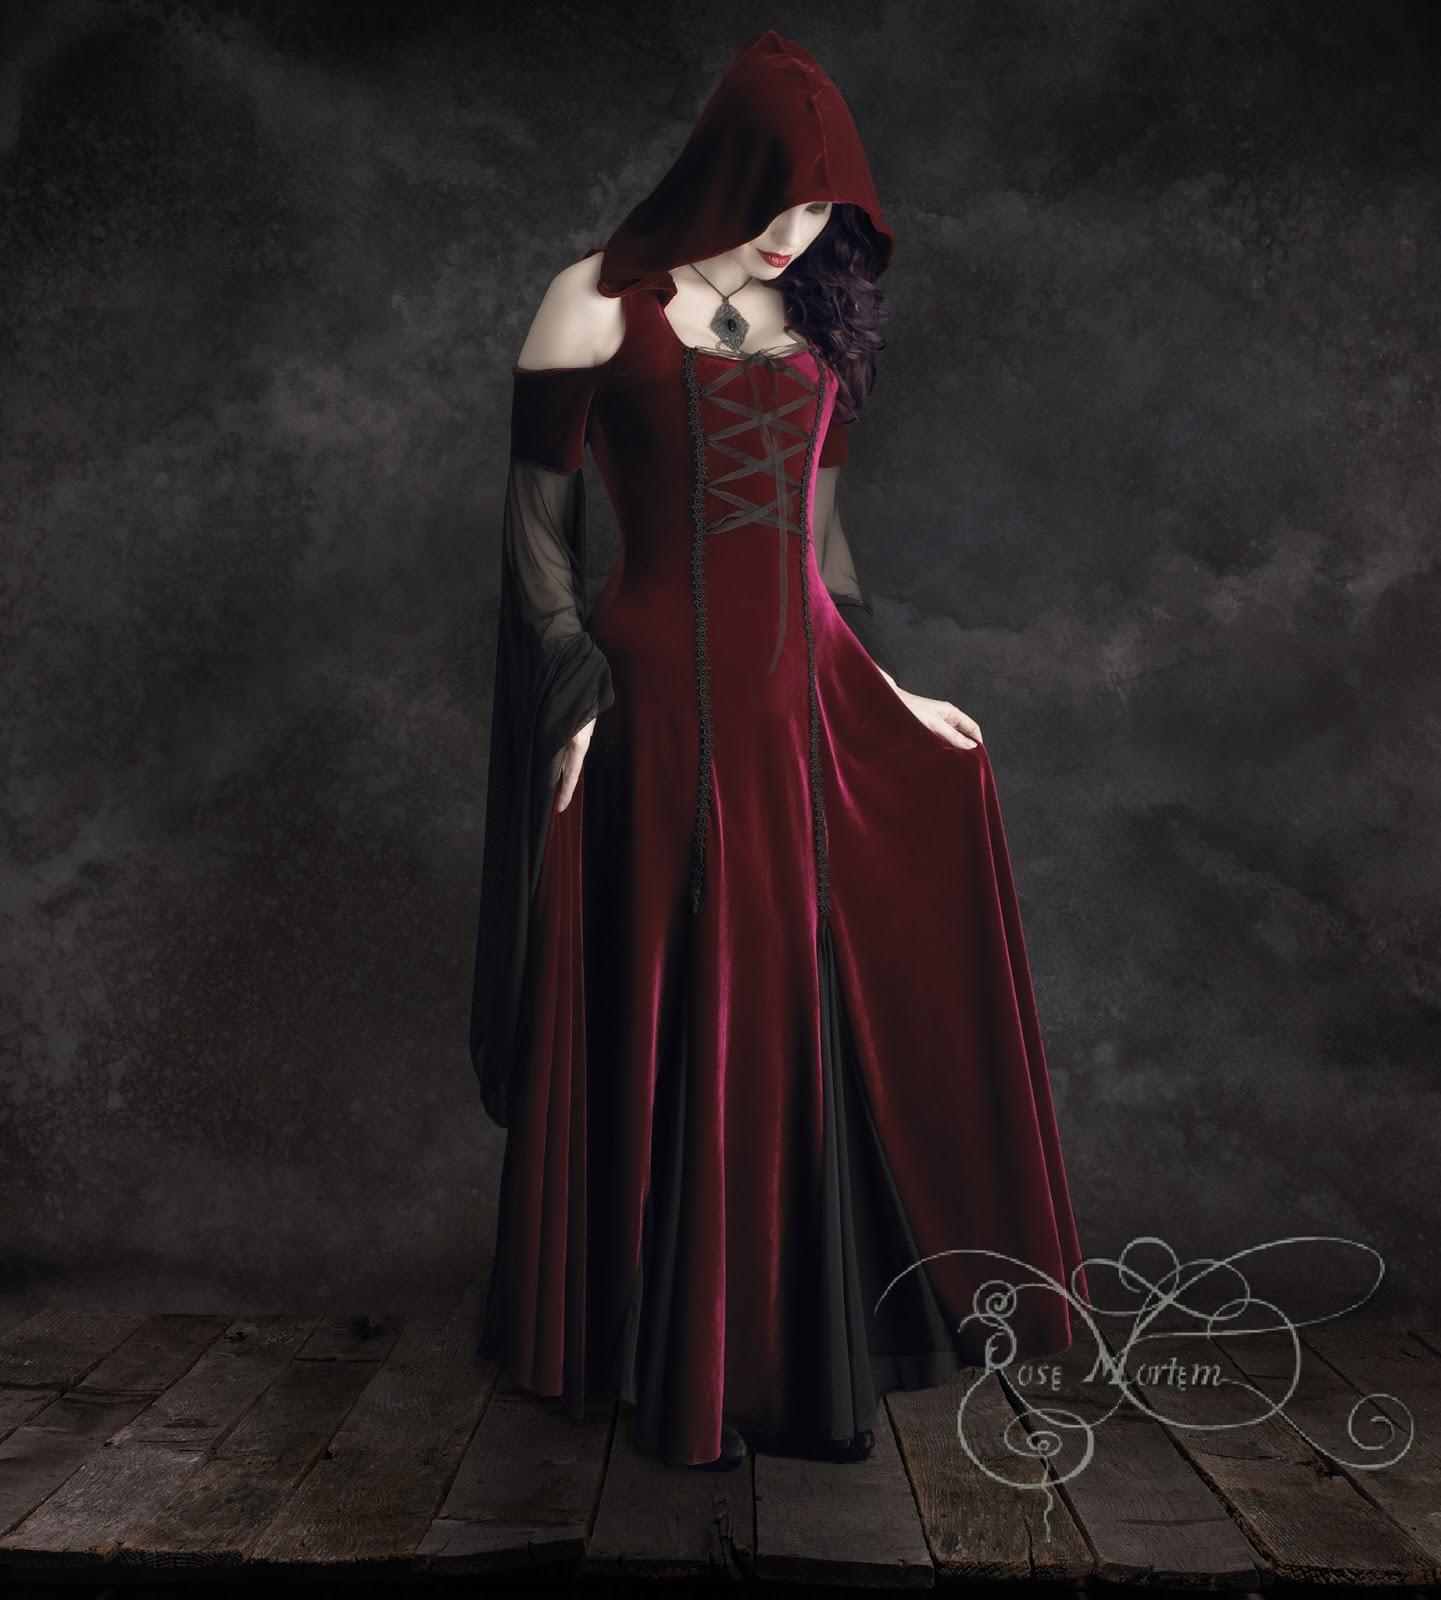 La costura del corpiño está rematada con dos adornos de cordelería  enlazada, unidos por una cinta entrelazada de malla. El vestido trae una  capucha que